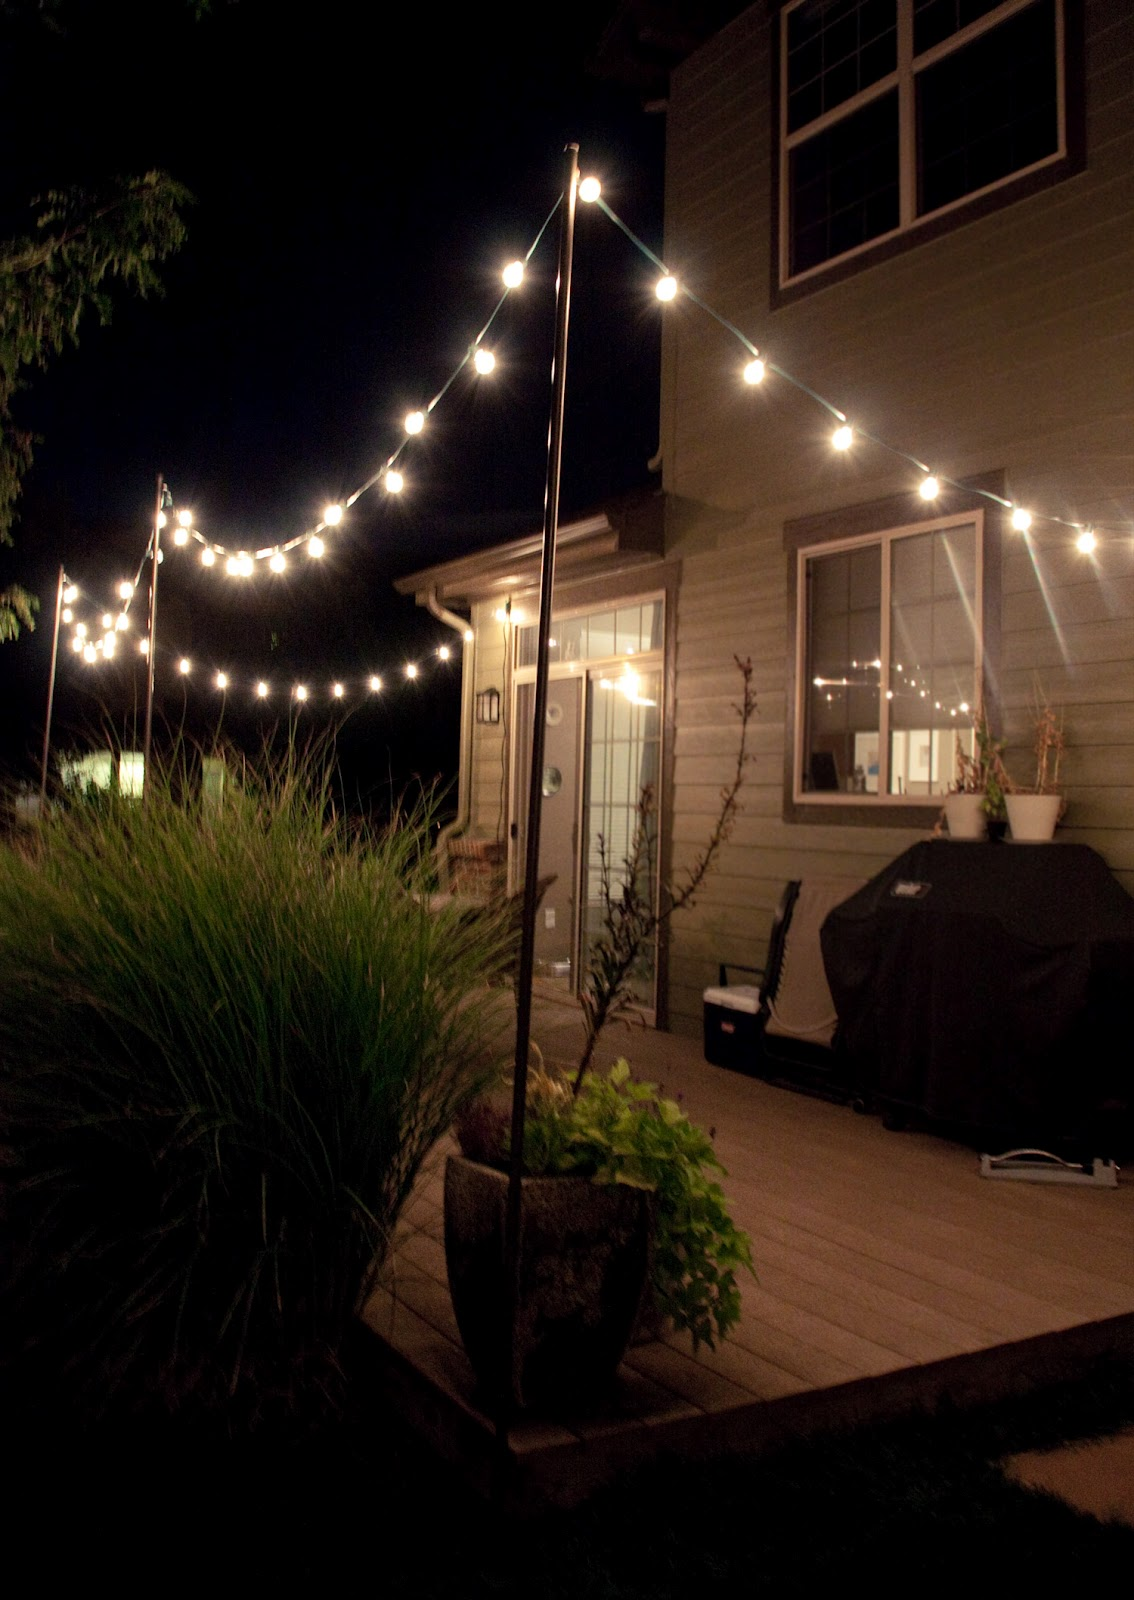 Backyard Lights Tumblr